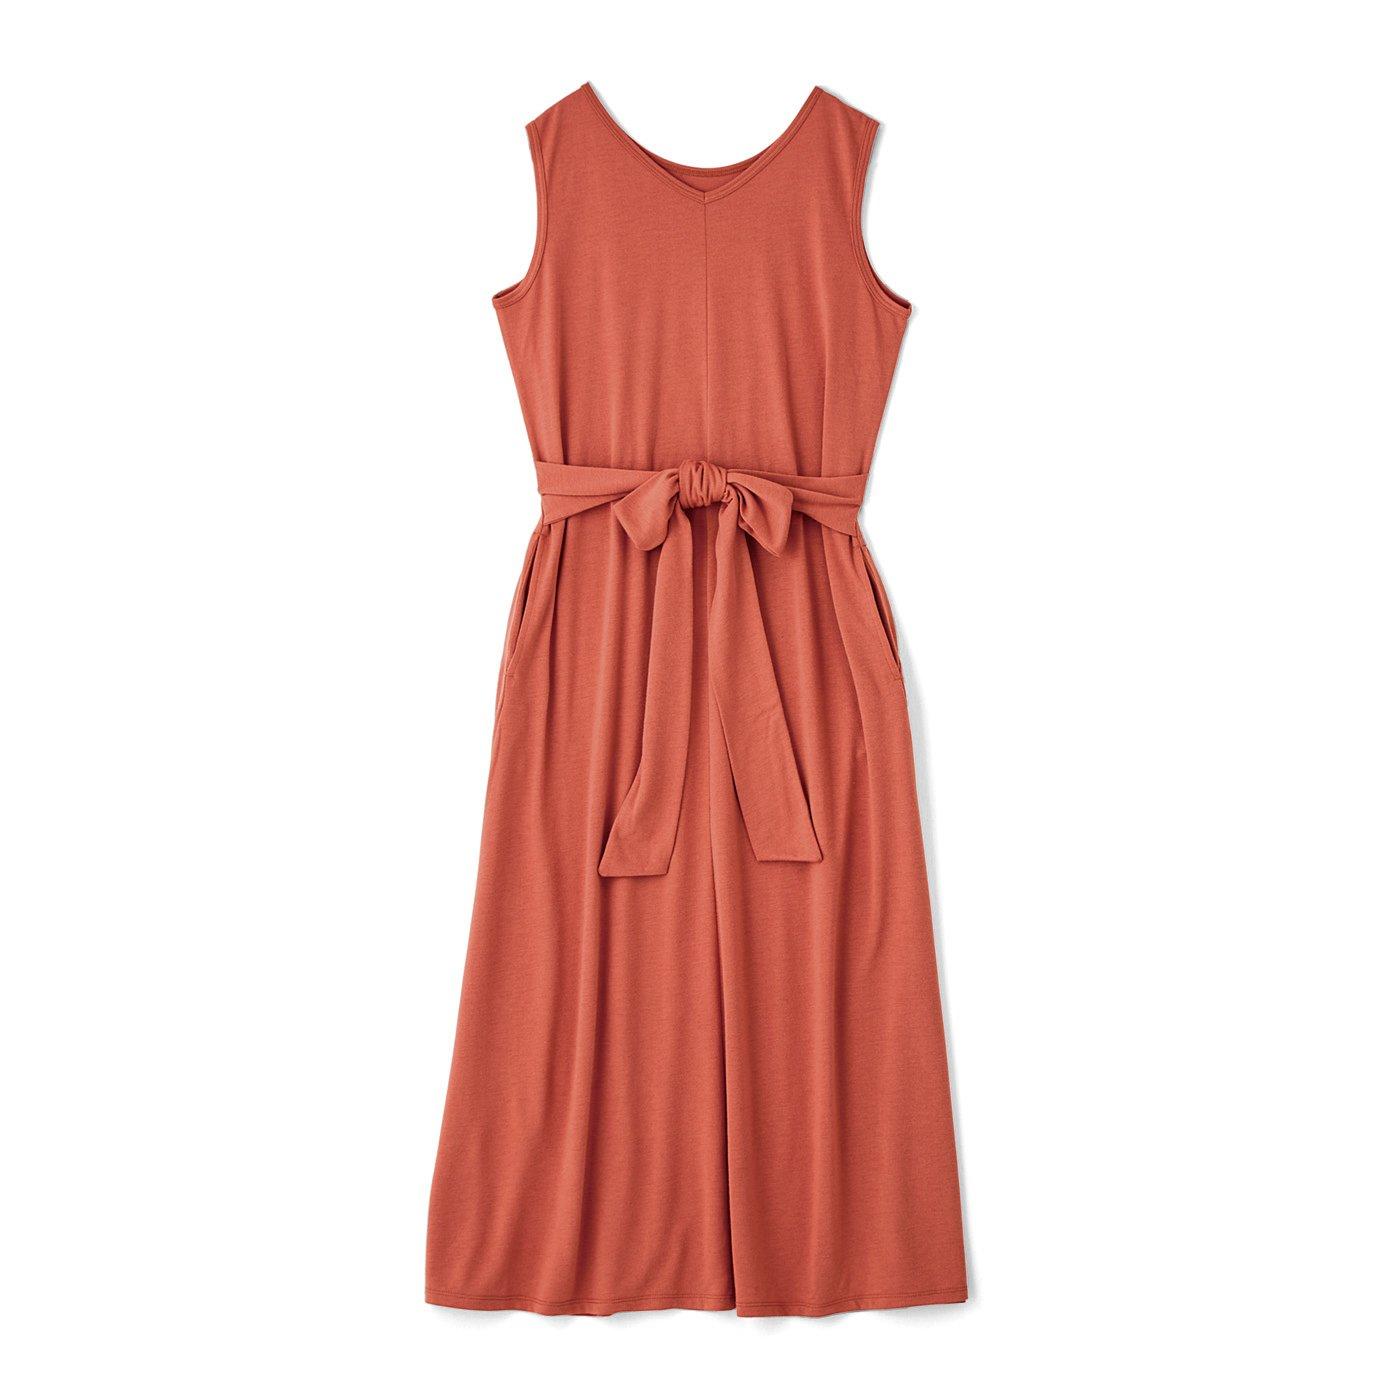 着るだけすらっと美人見え こだわりのIラインで錯覚させるルームワンピース〈スカーレット〉